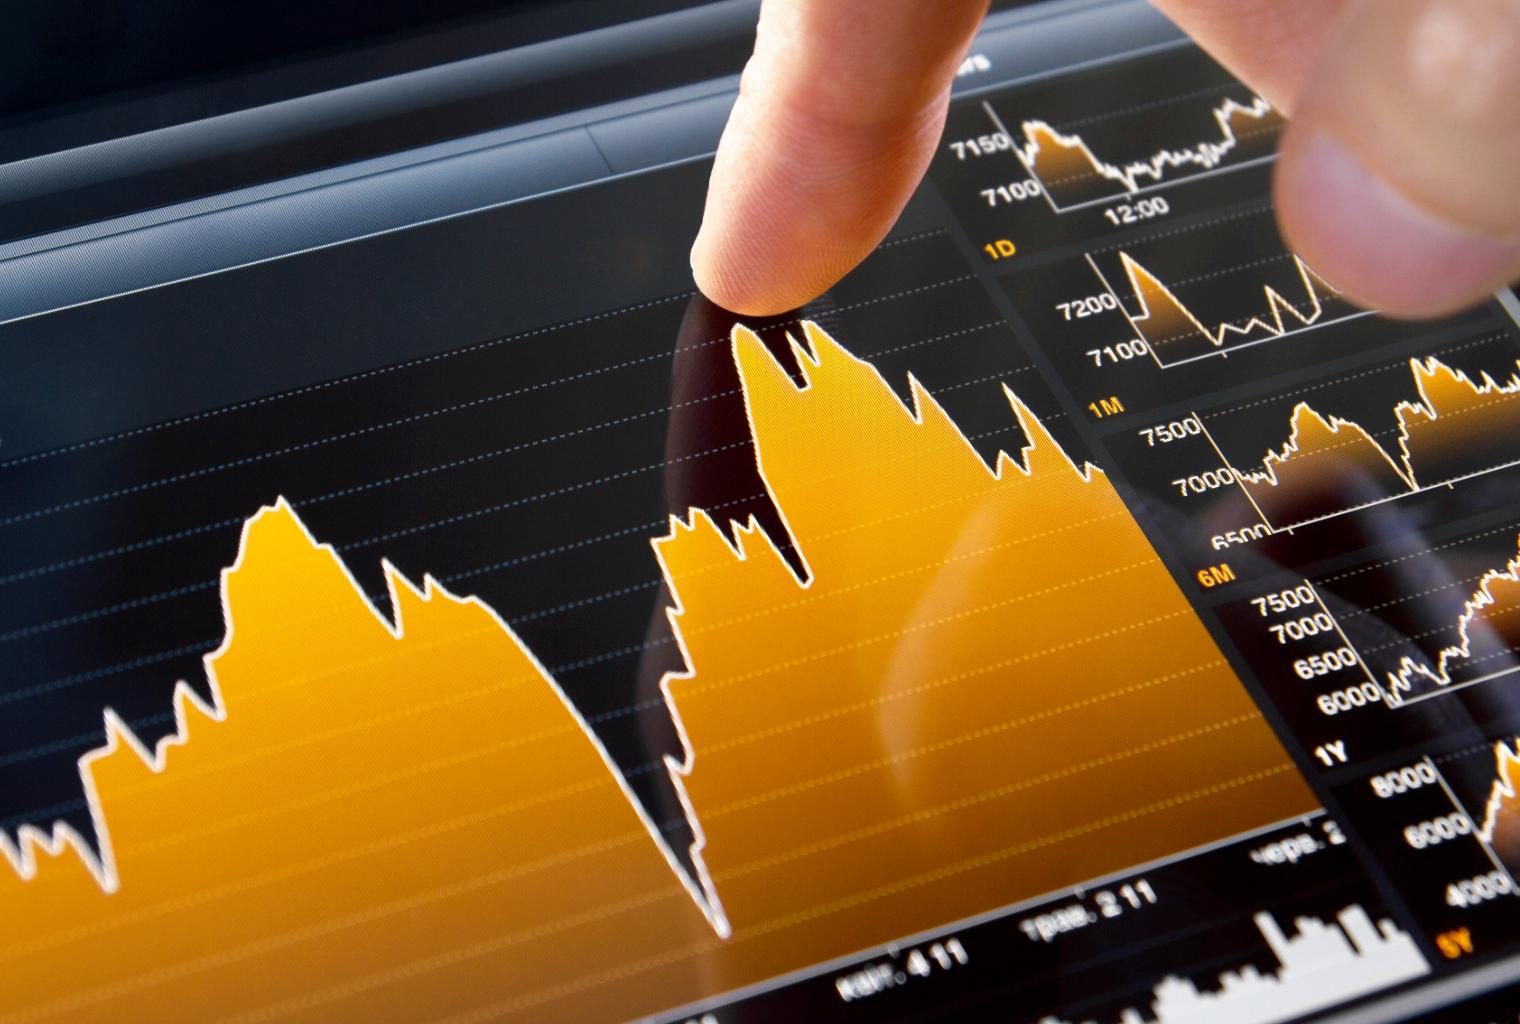 Pasar Cryptocurrency Dipindahkan oleh Tindakan Regulasi, Pameran Kertas Federal Reserve Bank